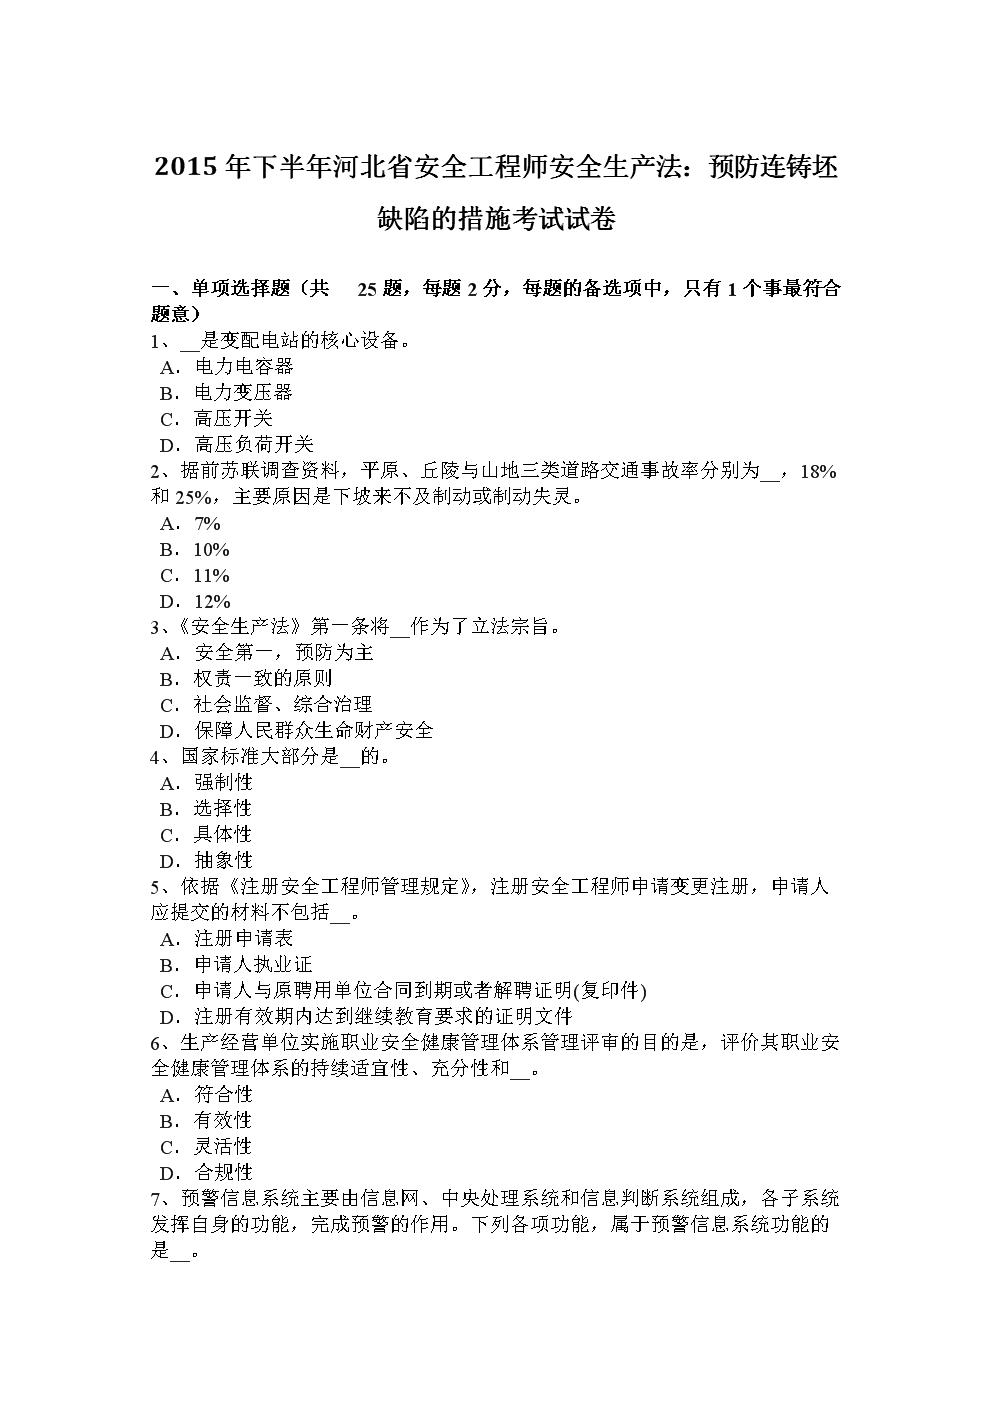 2015年下半年河北省安全工程师安全生产法预防连铸坯缺陷措施考试试卷.docx